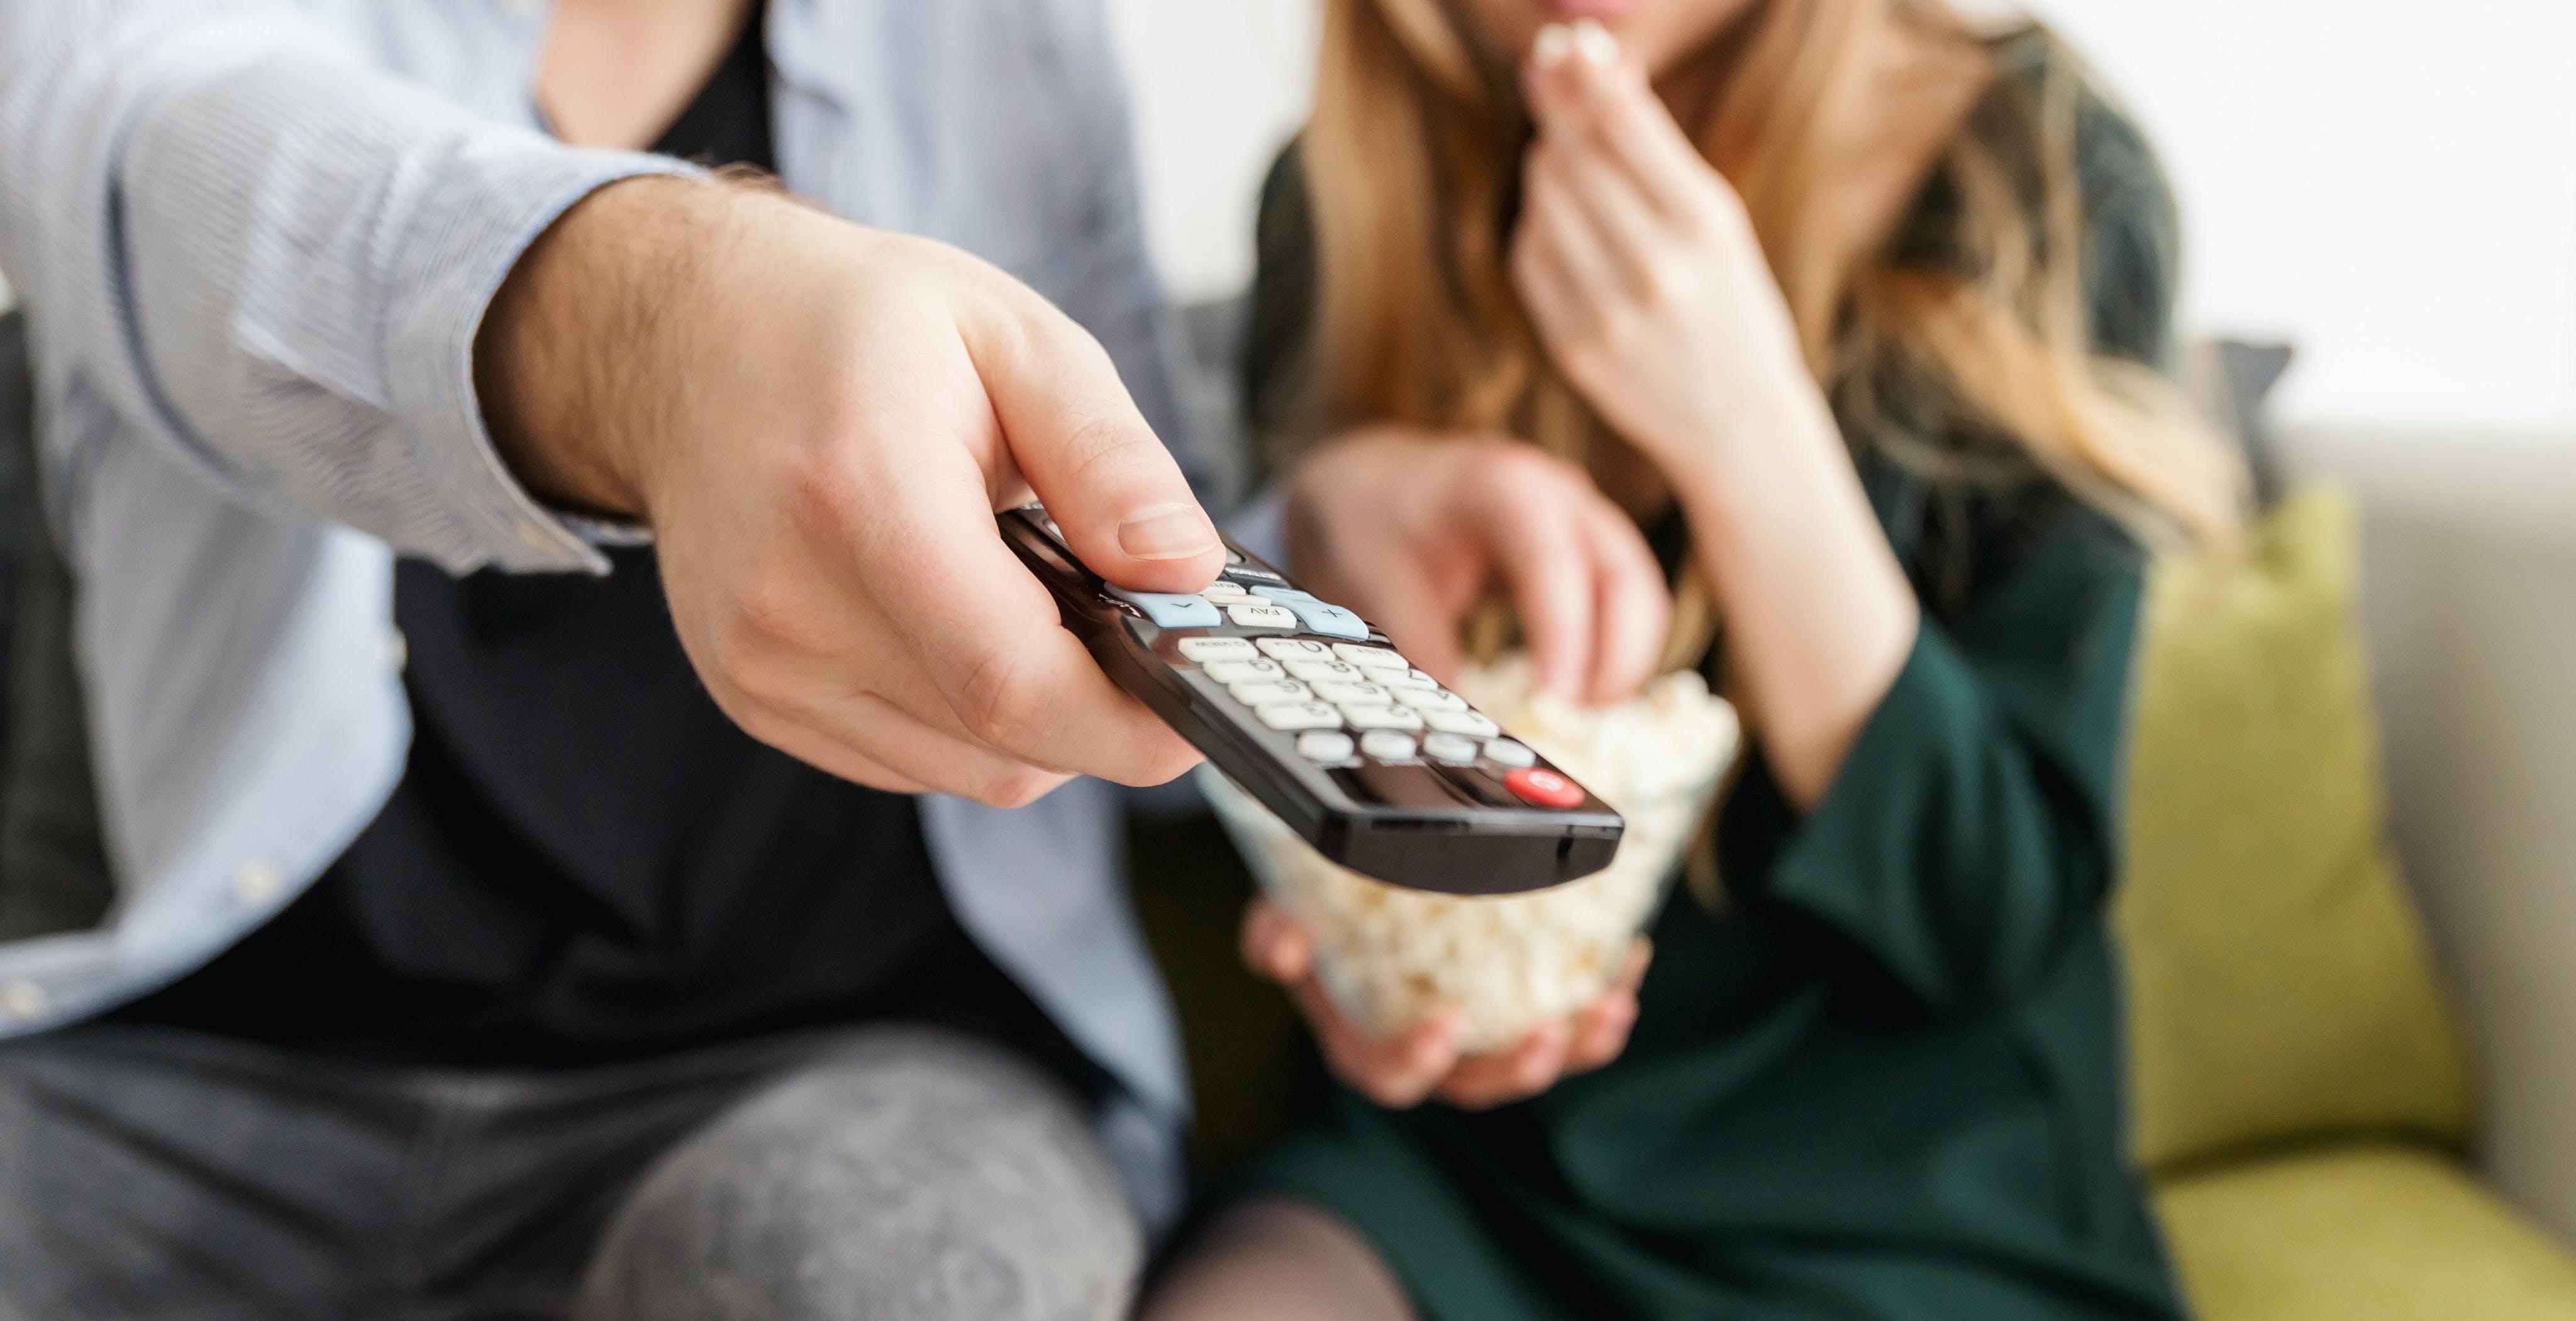 Effetto bonus TV Rottamazione, Gfk: crescita delle vendite dei TV +122%